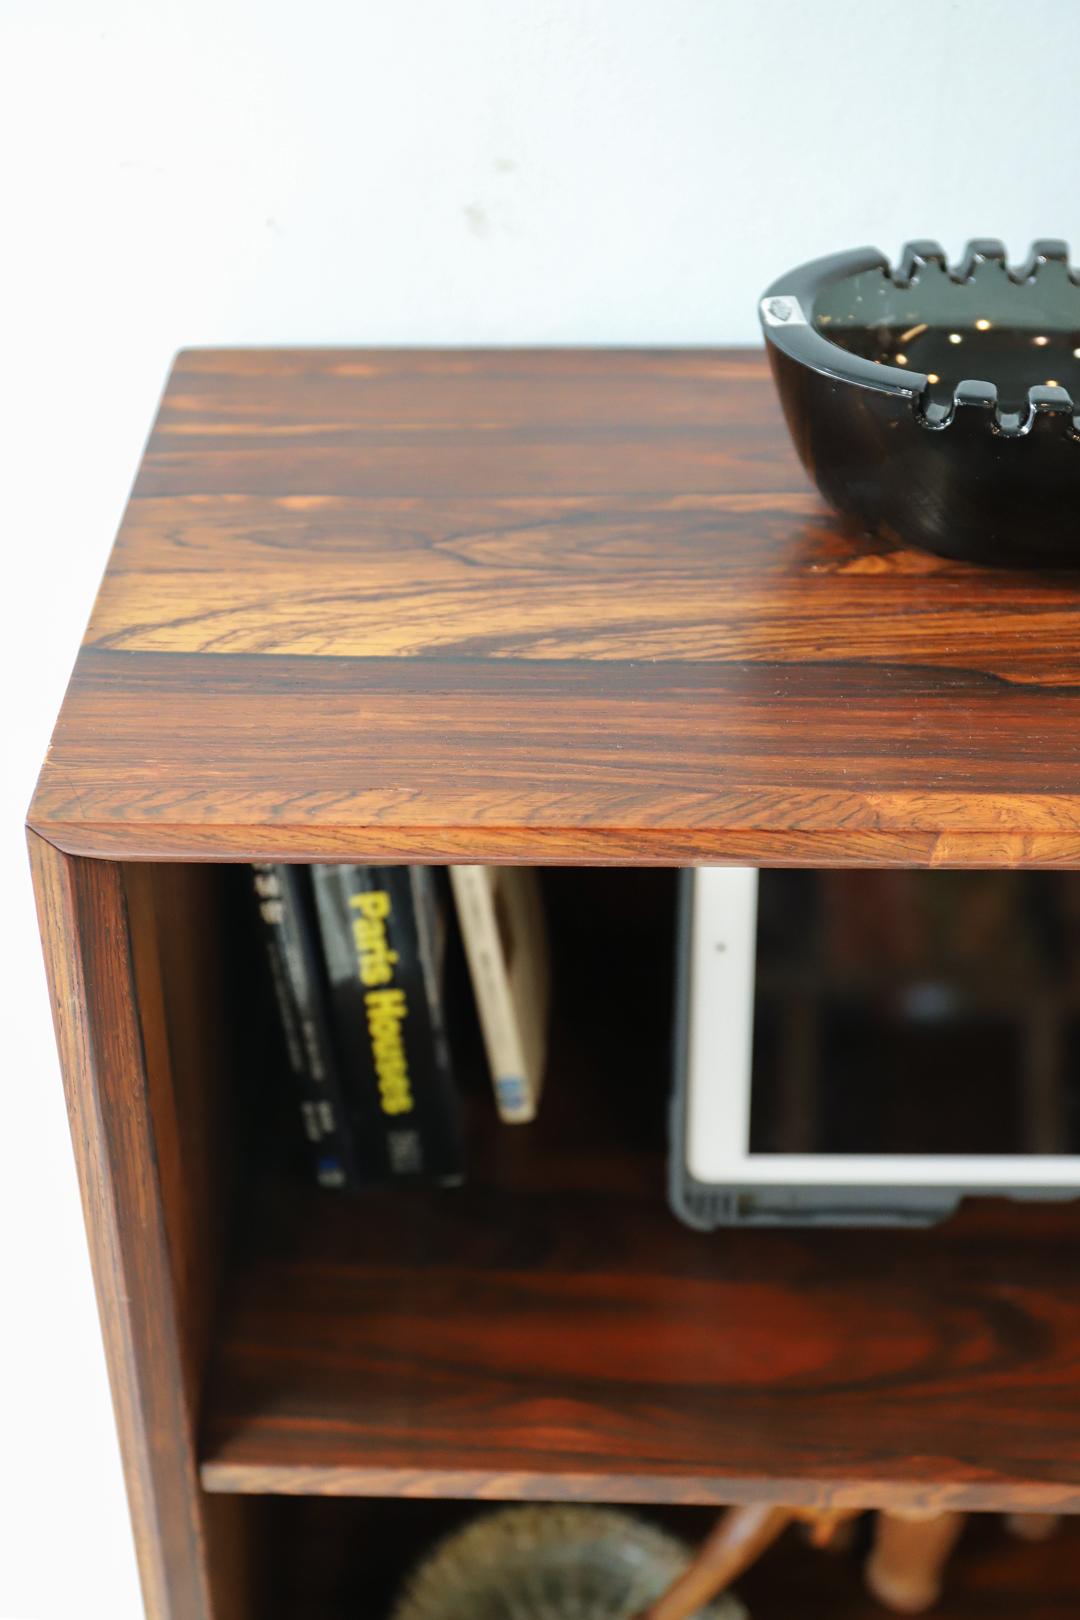 Danish Vintage Rosewood Slim Bookcase/デンマークヴィンテージ ブックケース 本棚 シェルフ ローズウッド 収納 シンプルモダン 北欧家具